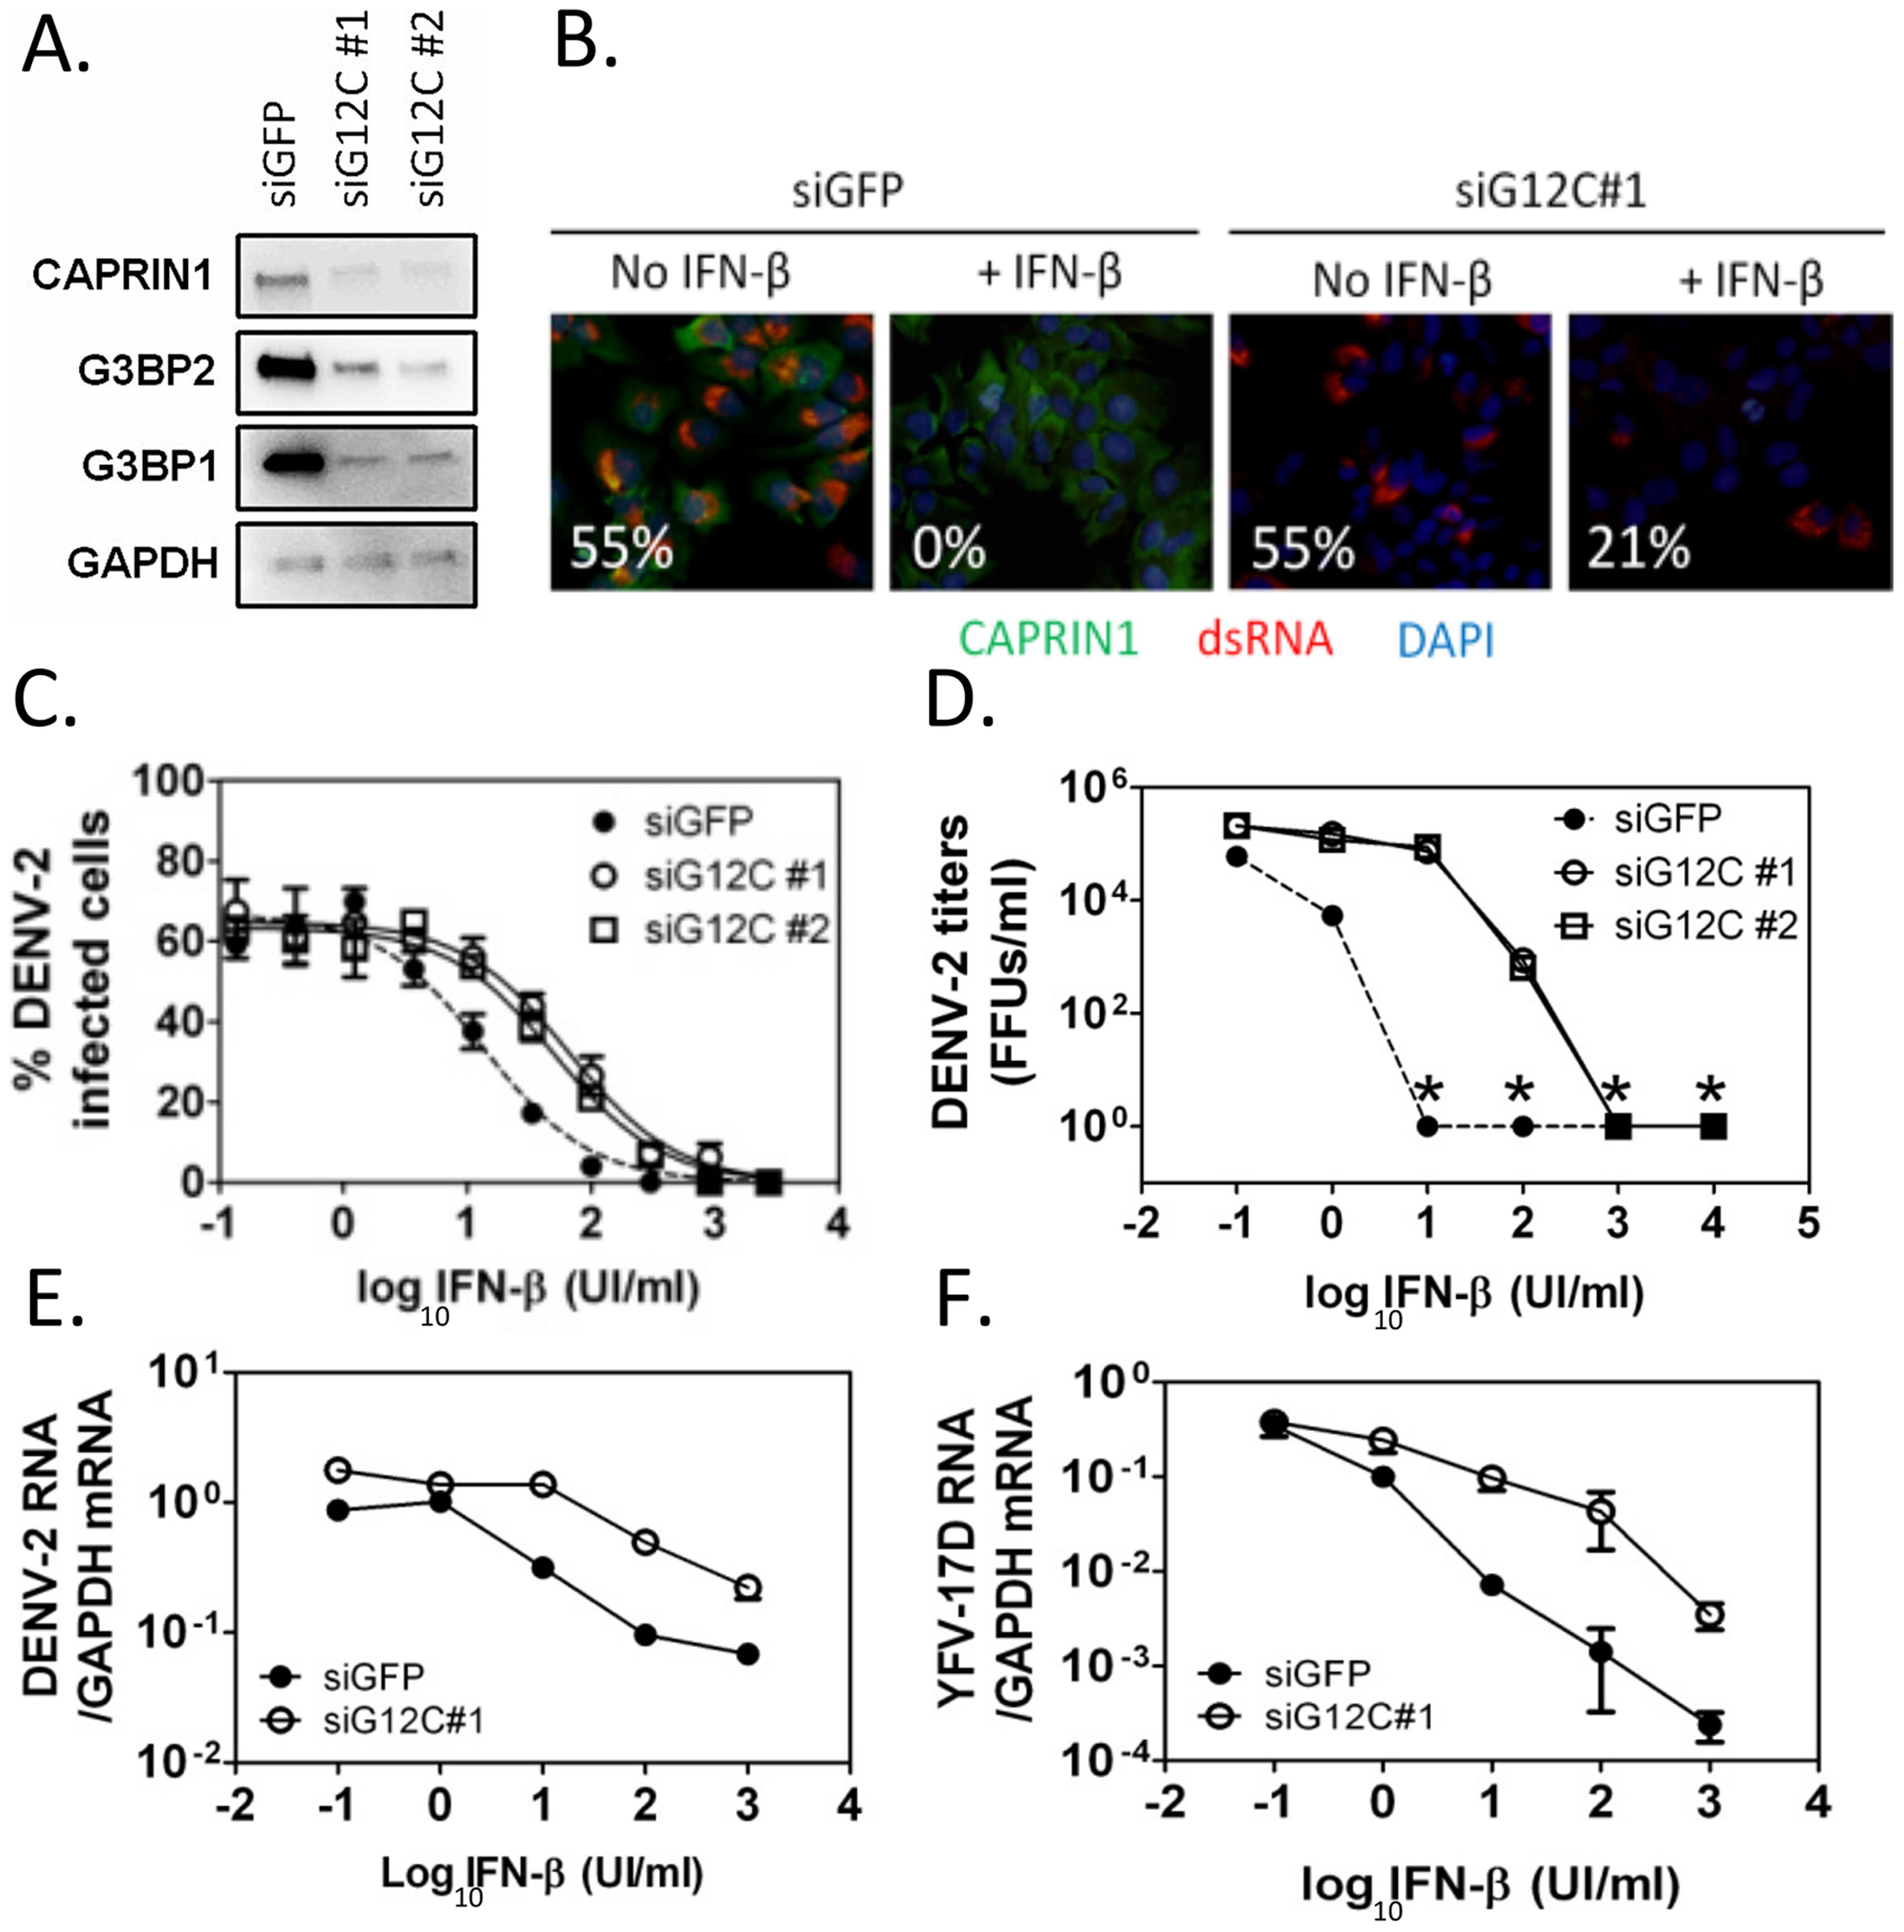 G3BP1, G3BP2 and CAPRIN1 are required for IFN-β mediated antiviral activity against DENV-2.